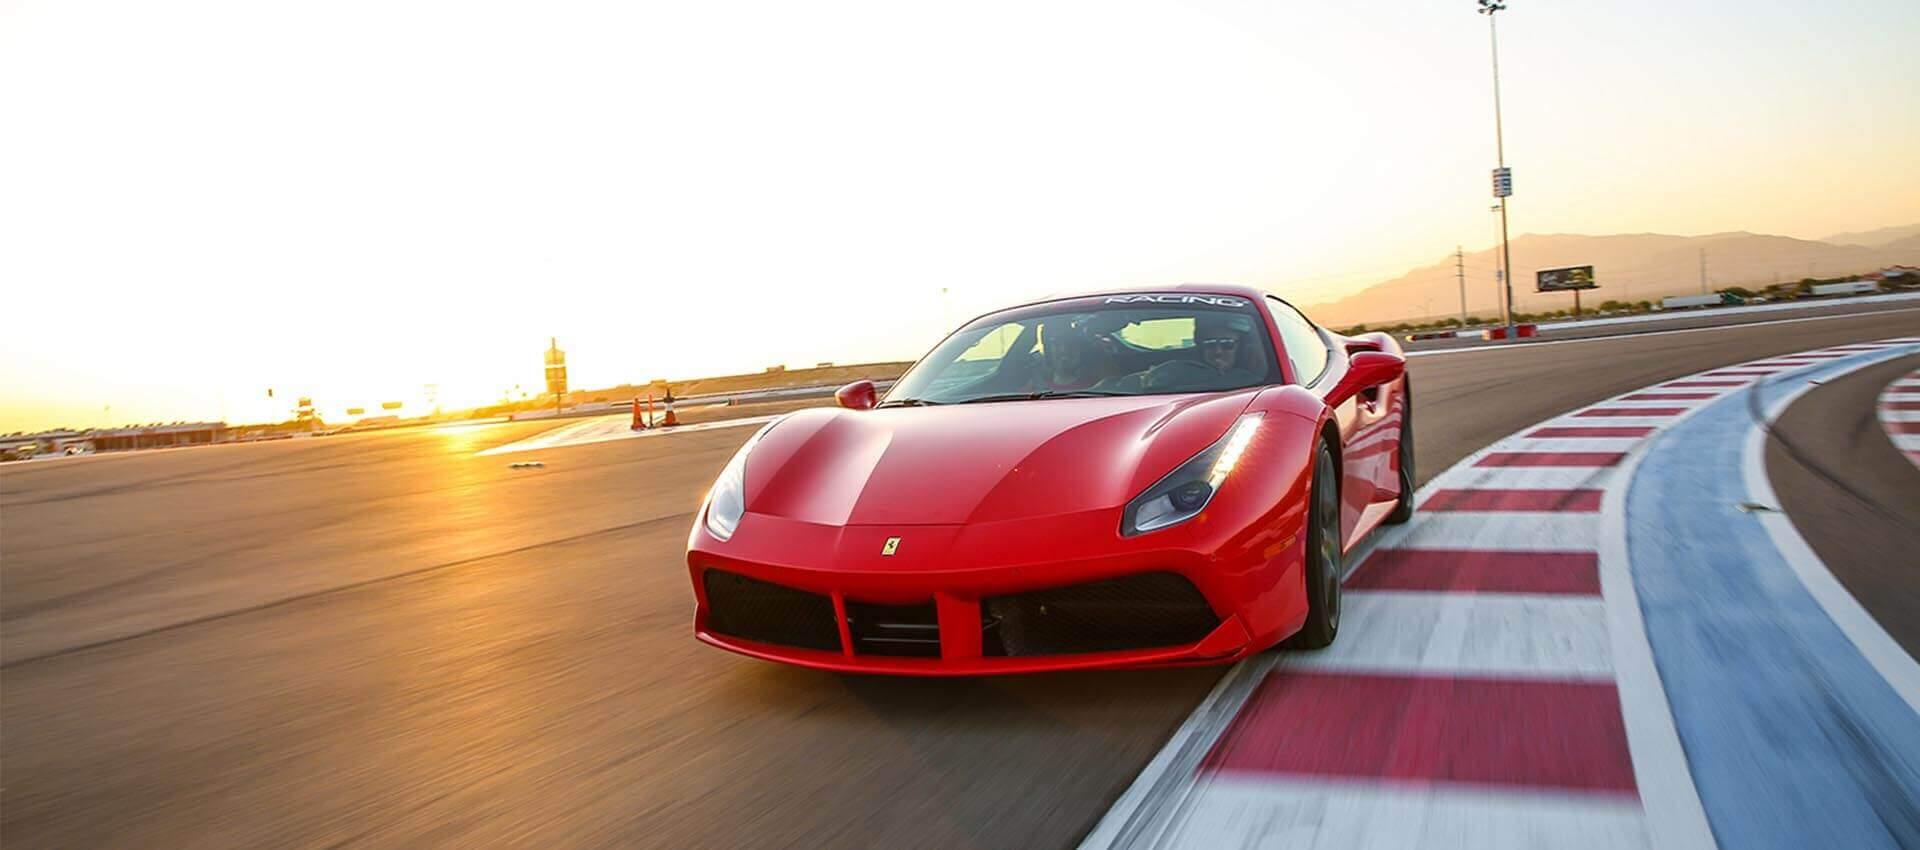 Auto Racing, Extreme Auto Racing, Car Racing Nevada, Nevada Car Racing